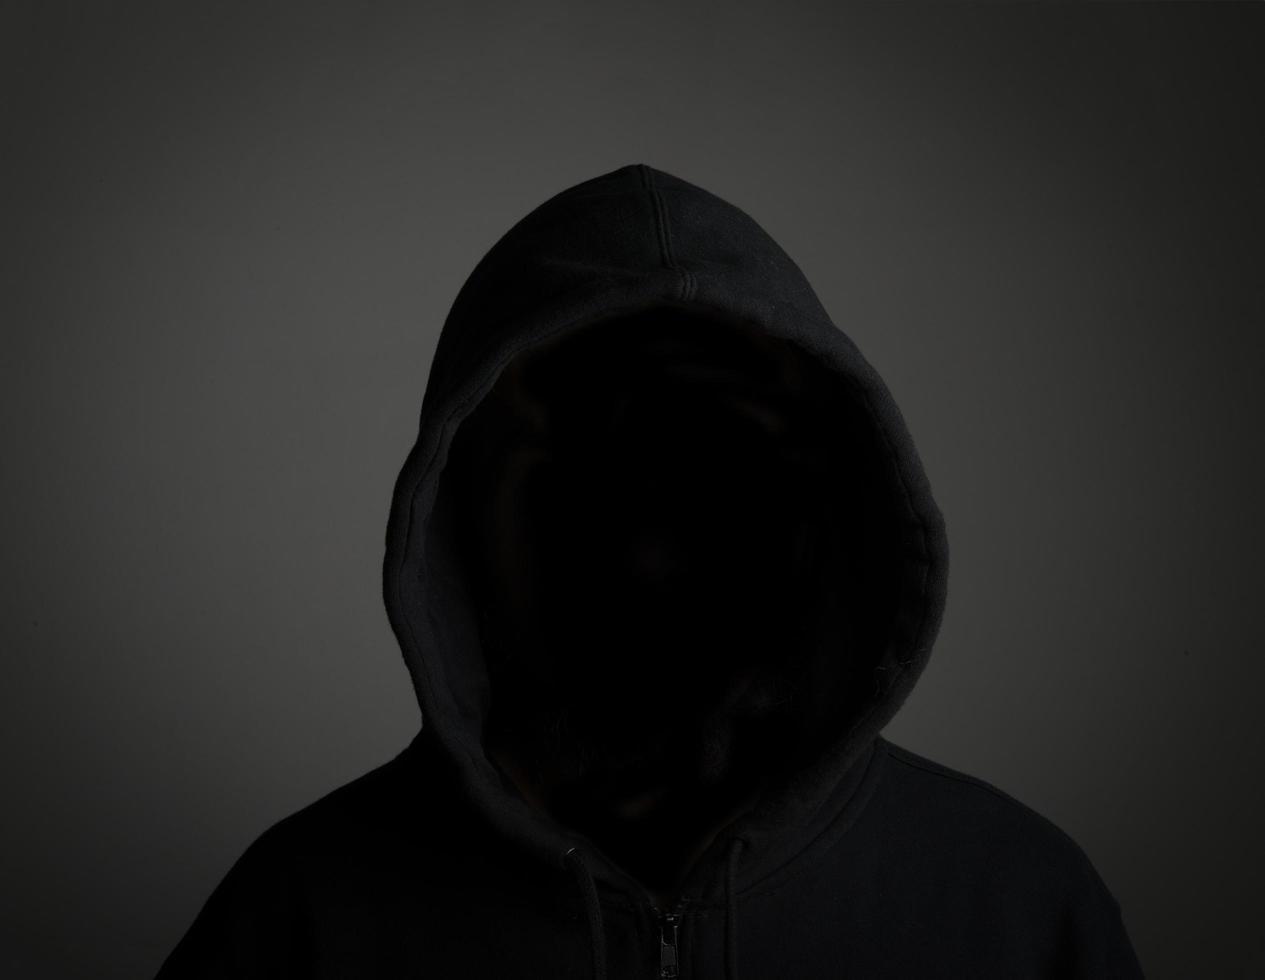 jovem hacker sem rosto em fundo preto foto